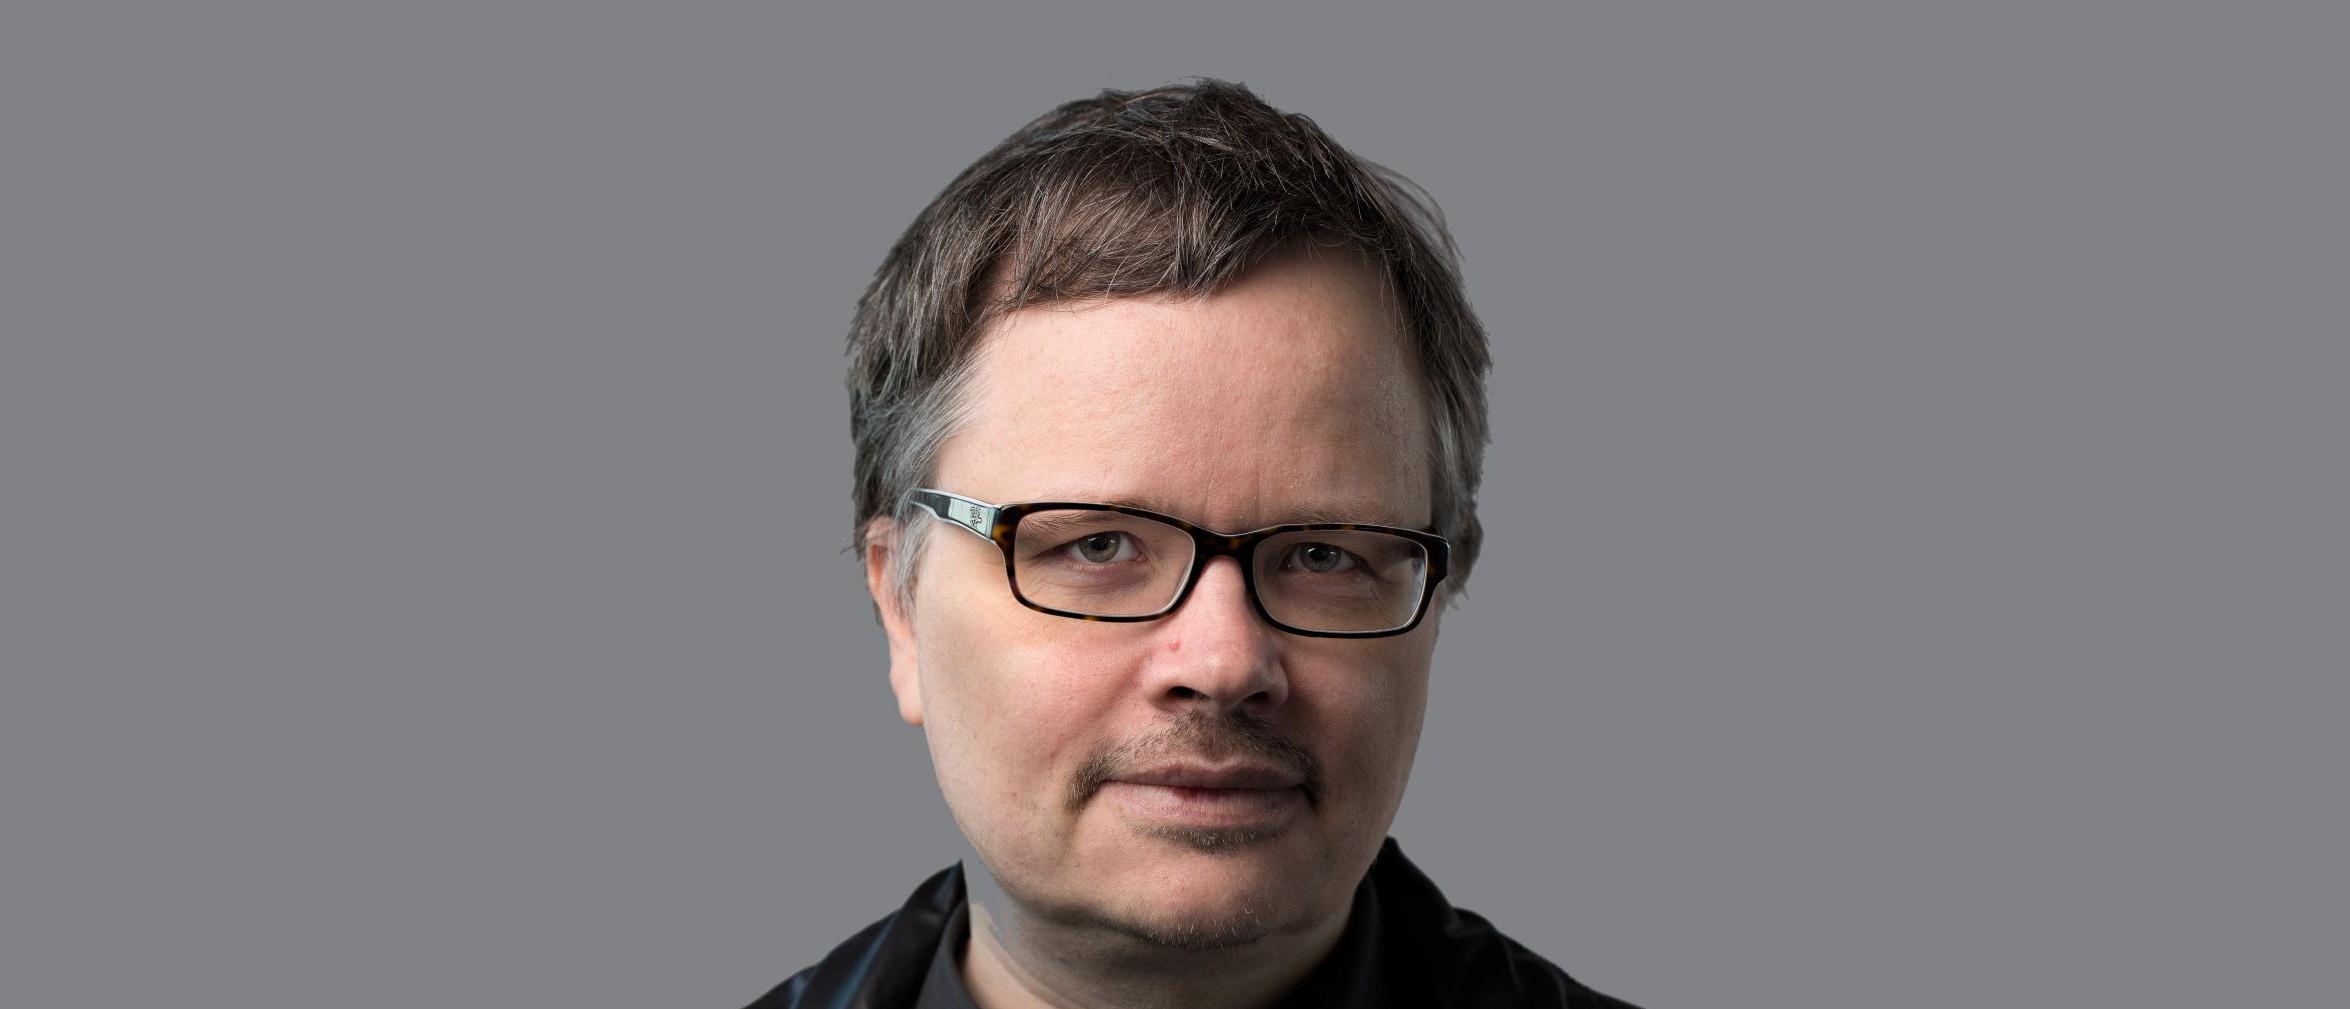 Der Männerrechtler Arne Hoffmann